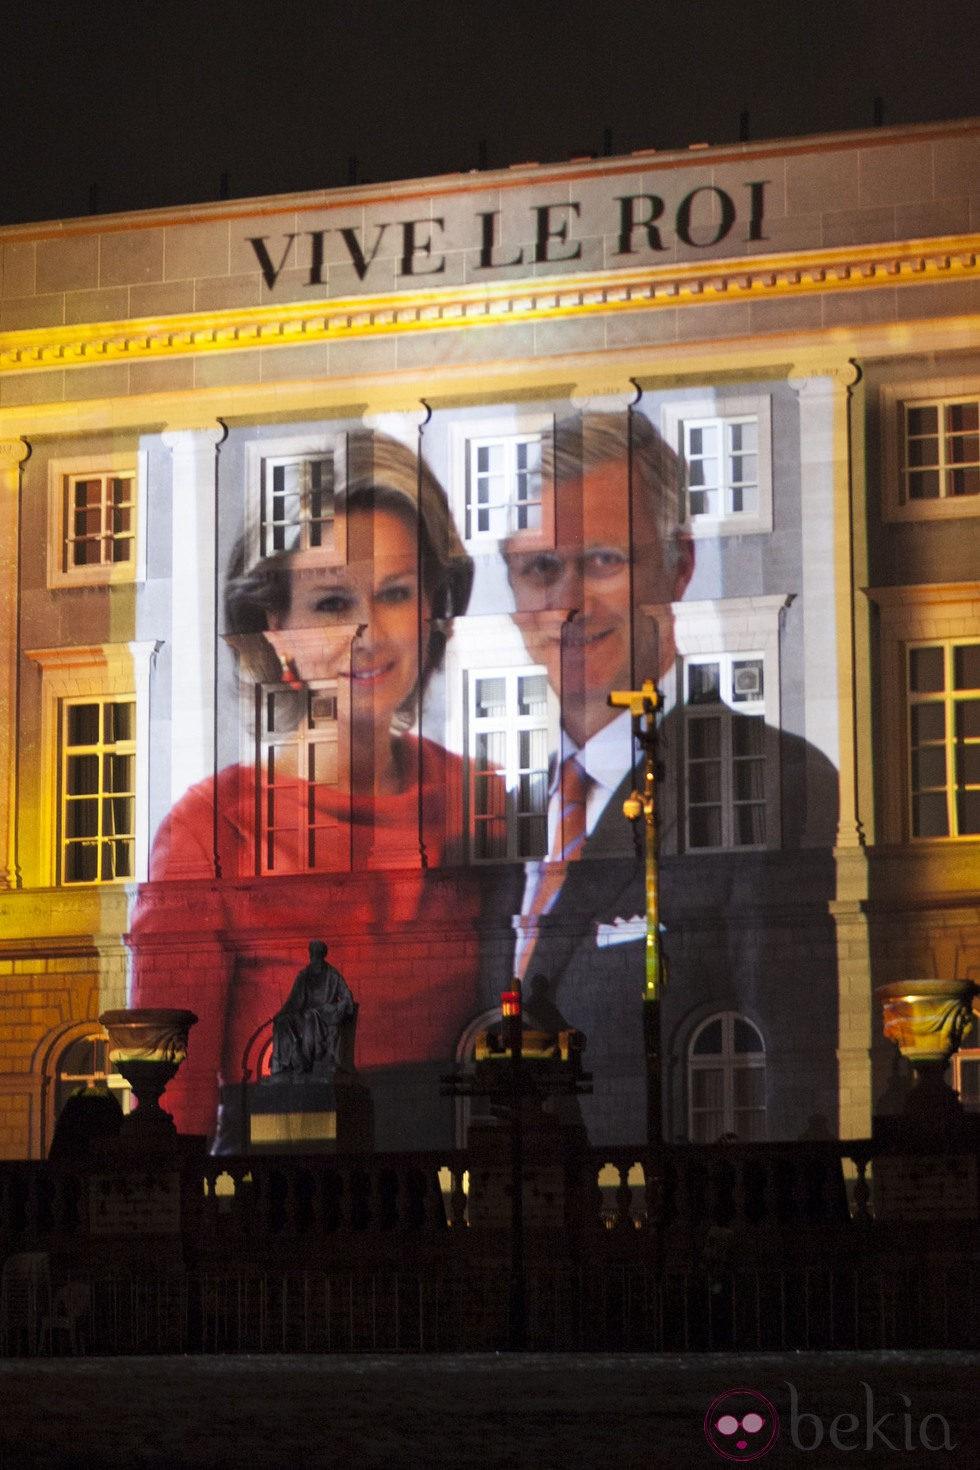 Foto proyectada de los Reyes Felipe y Matilde de Bélgica en los festejos de la coronación